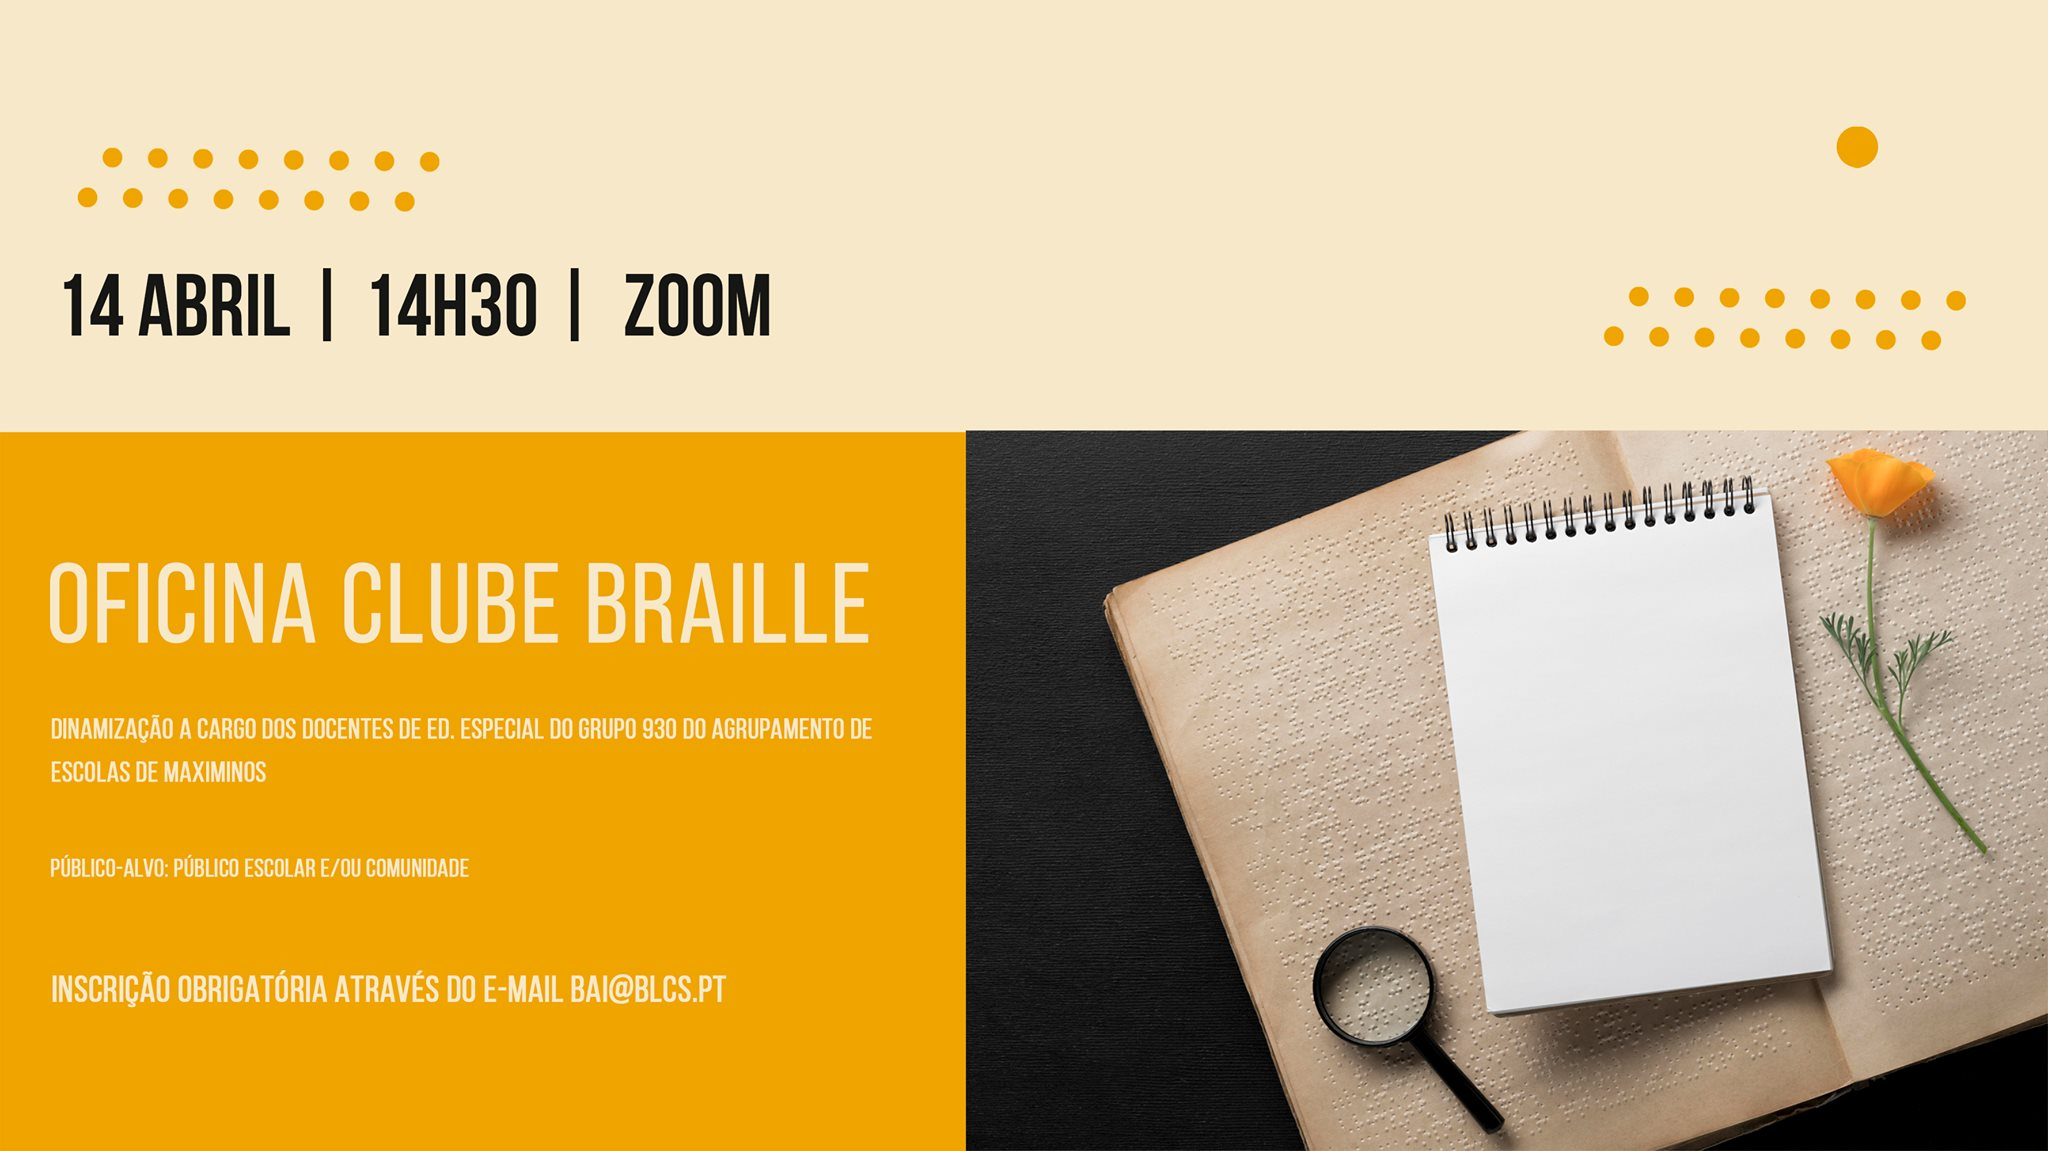 Oficina Clube Braille